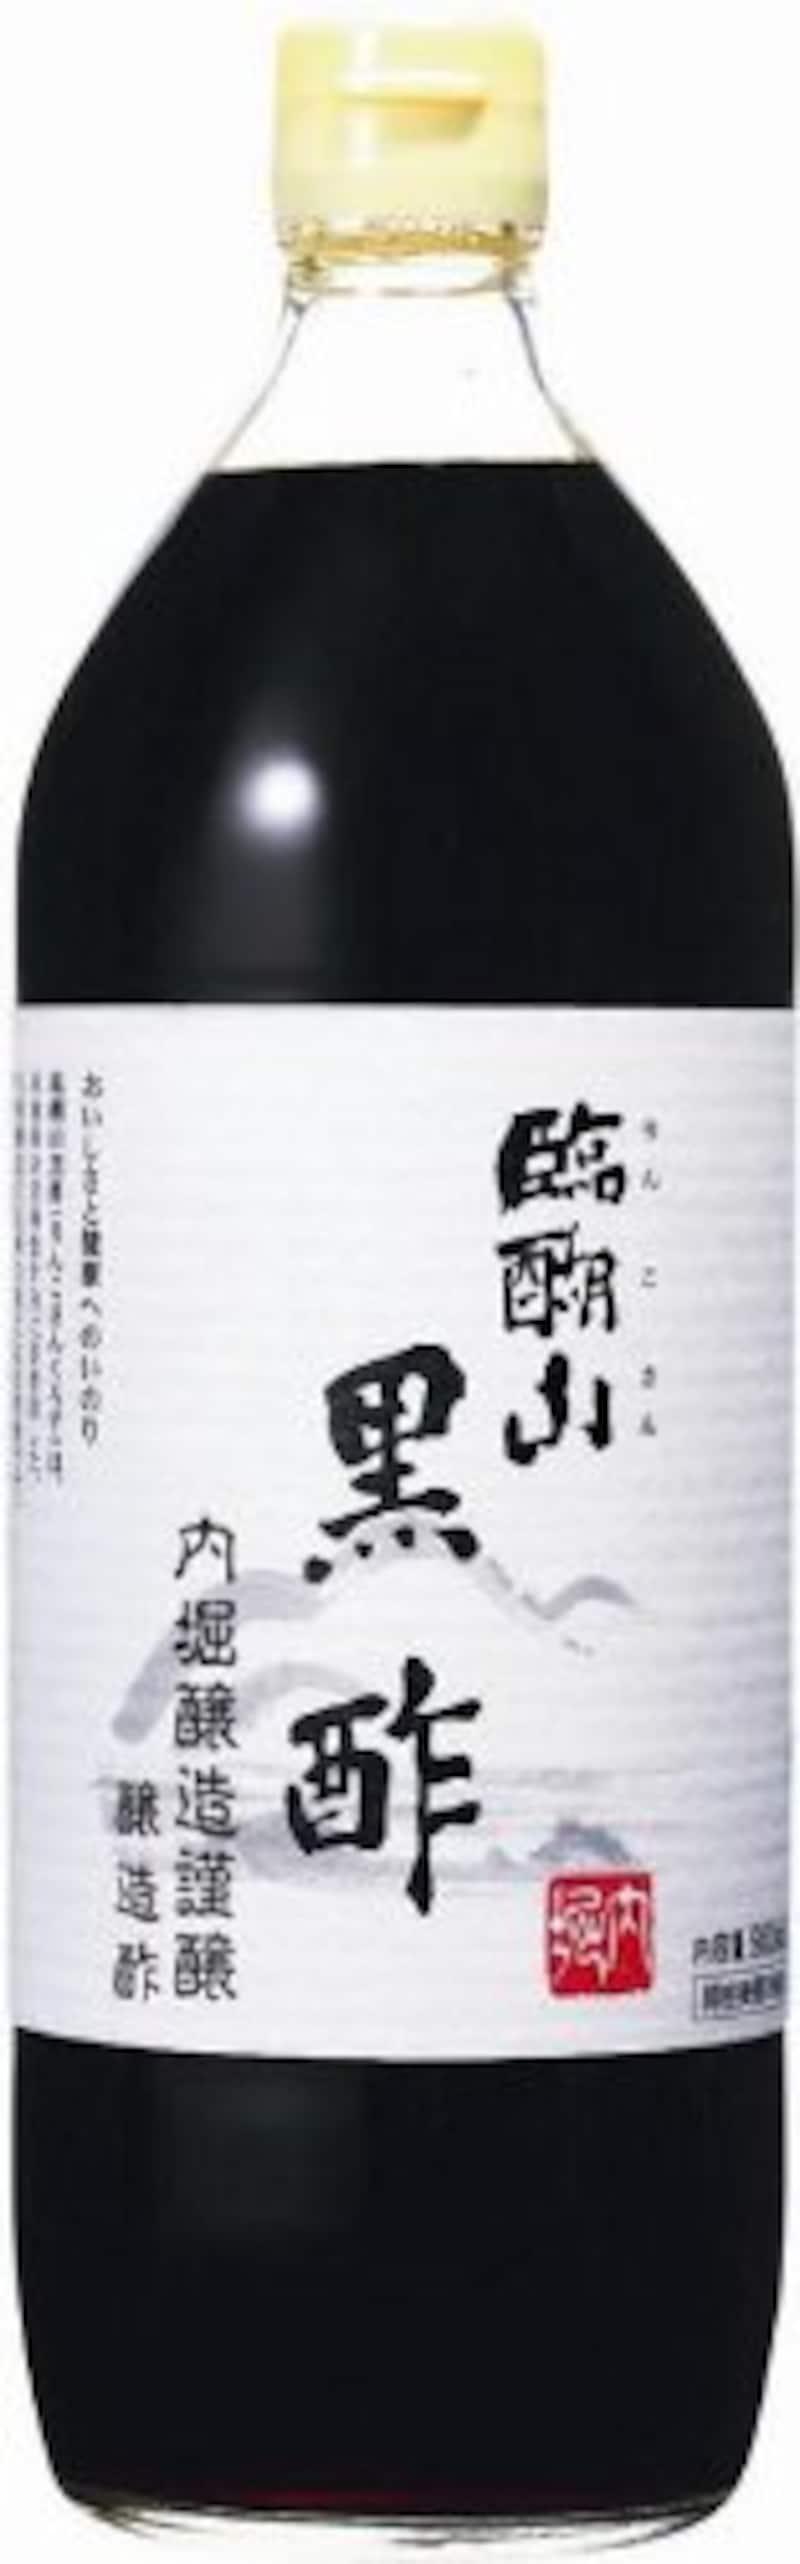 内堀醸造,臨醐山黒酢